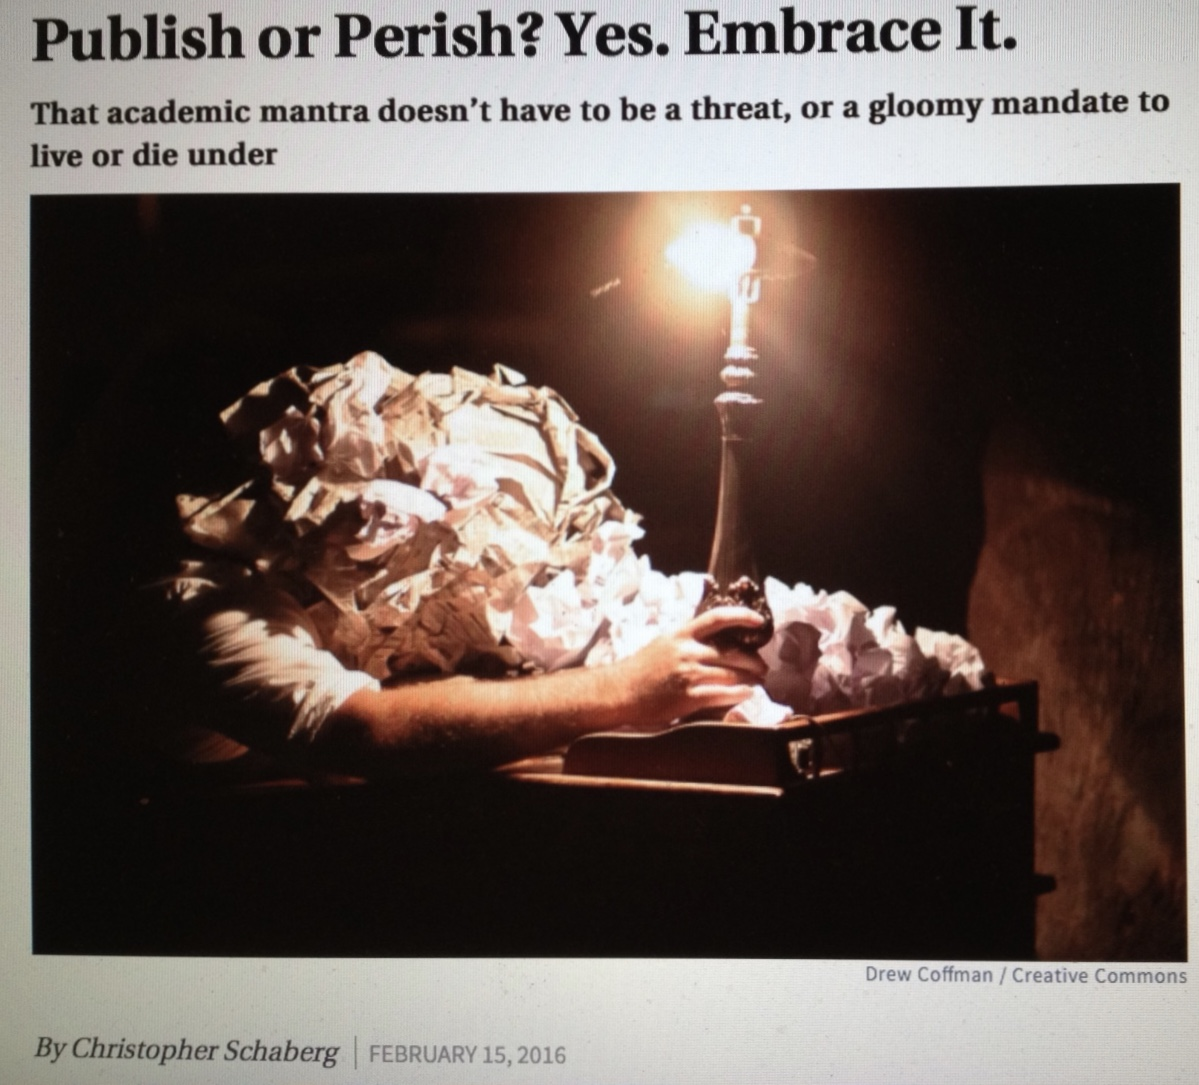 The joys of publish or perish